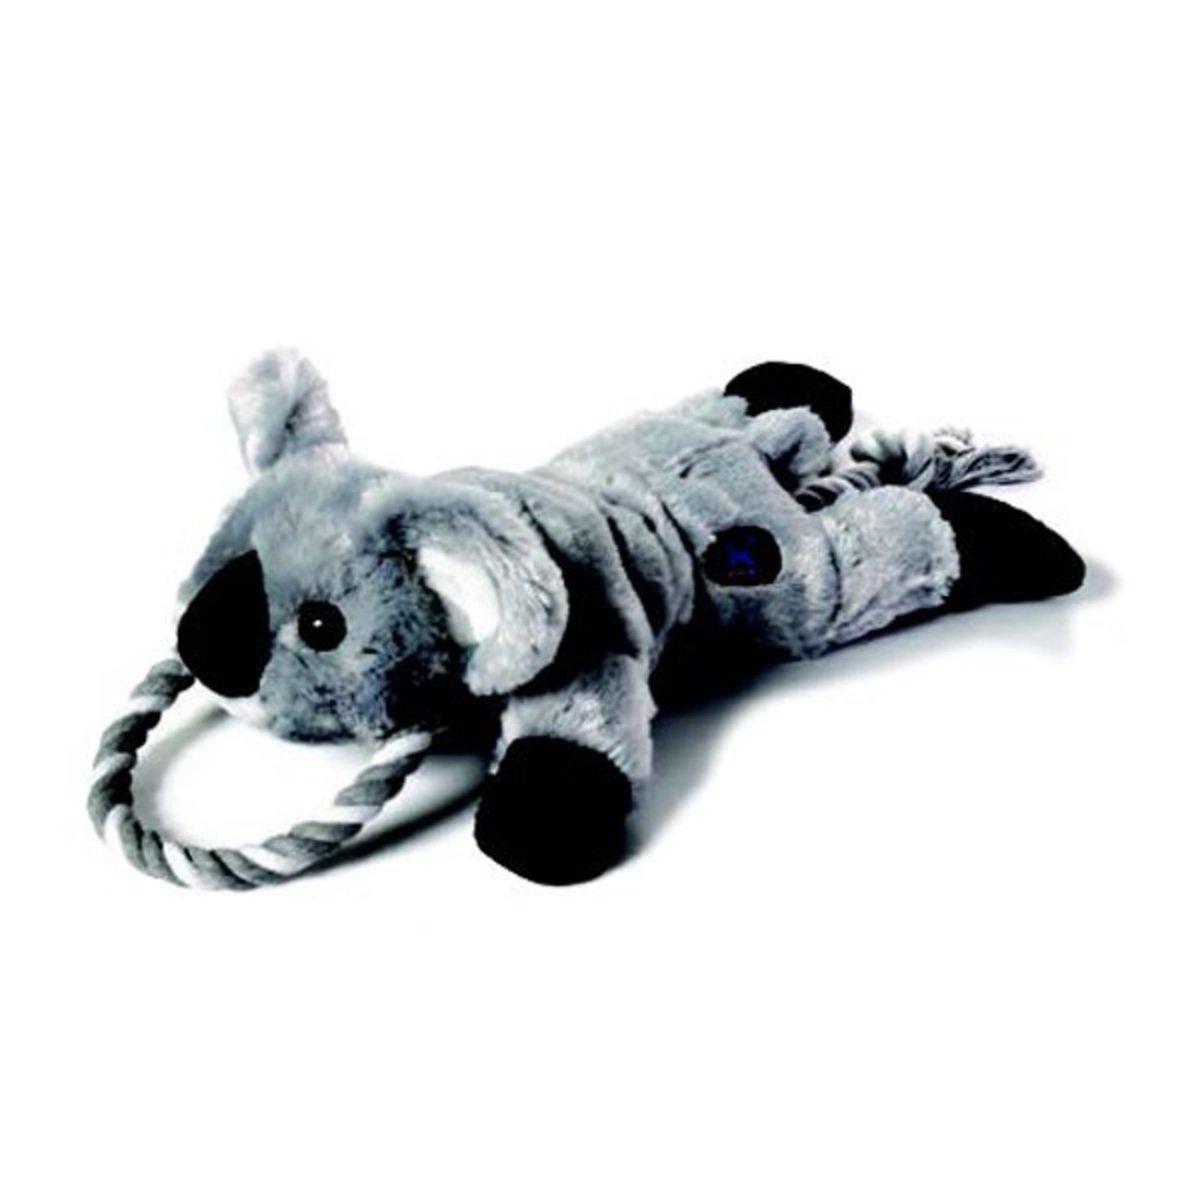 寵物拉繩發聲玩具 - 樹熊